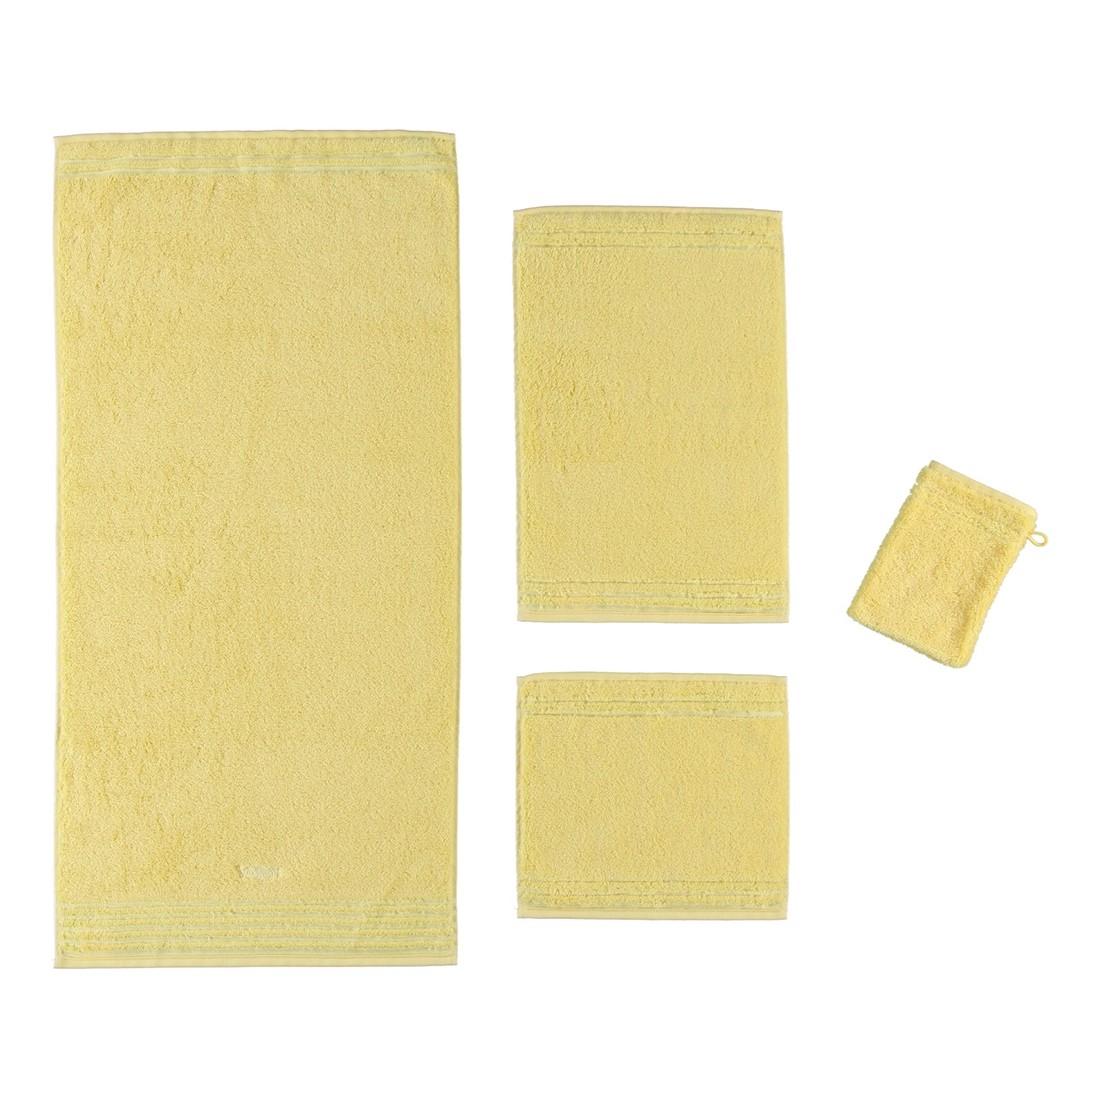 Handtuch Vienna Style Supersoft – 100% Baumwolle citro – 130 – Badetuch: 100 x 150 cm, Vossen bestellen